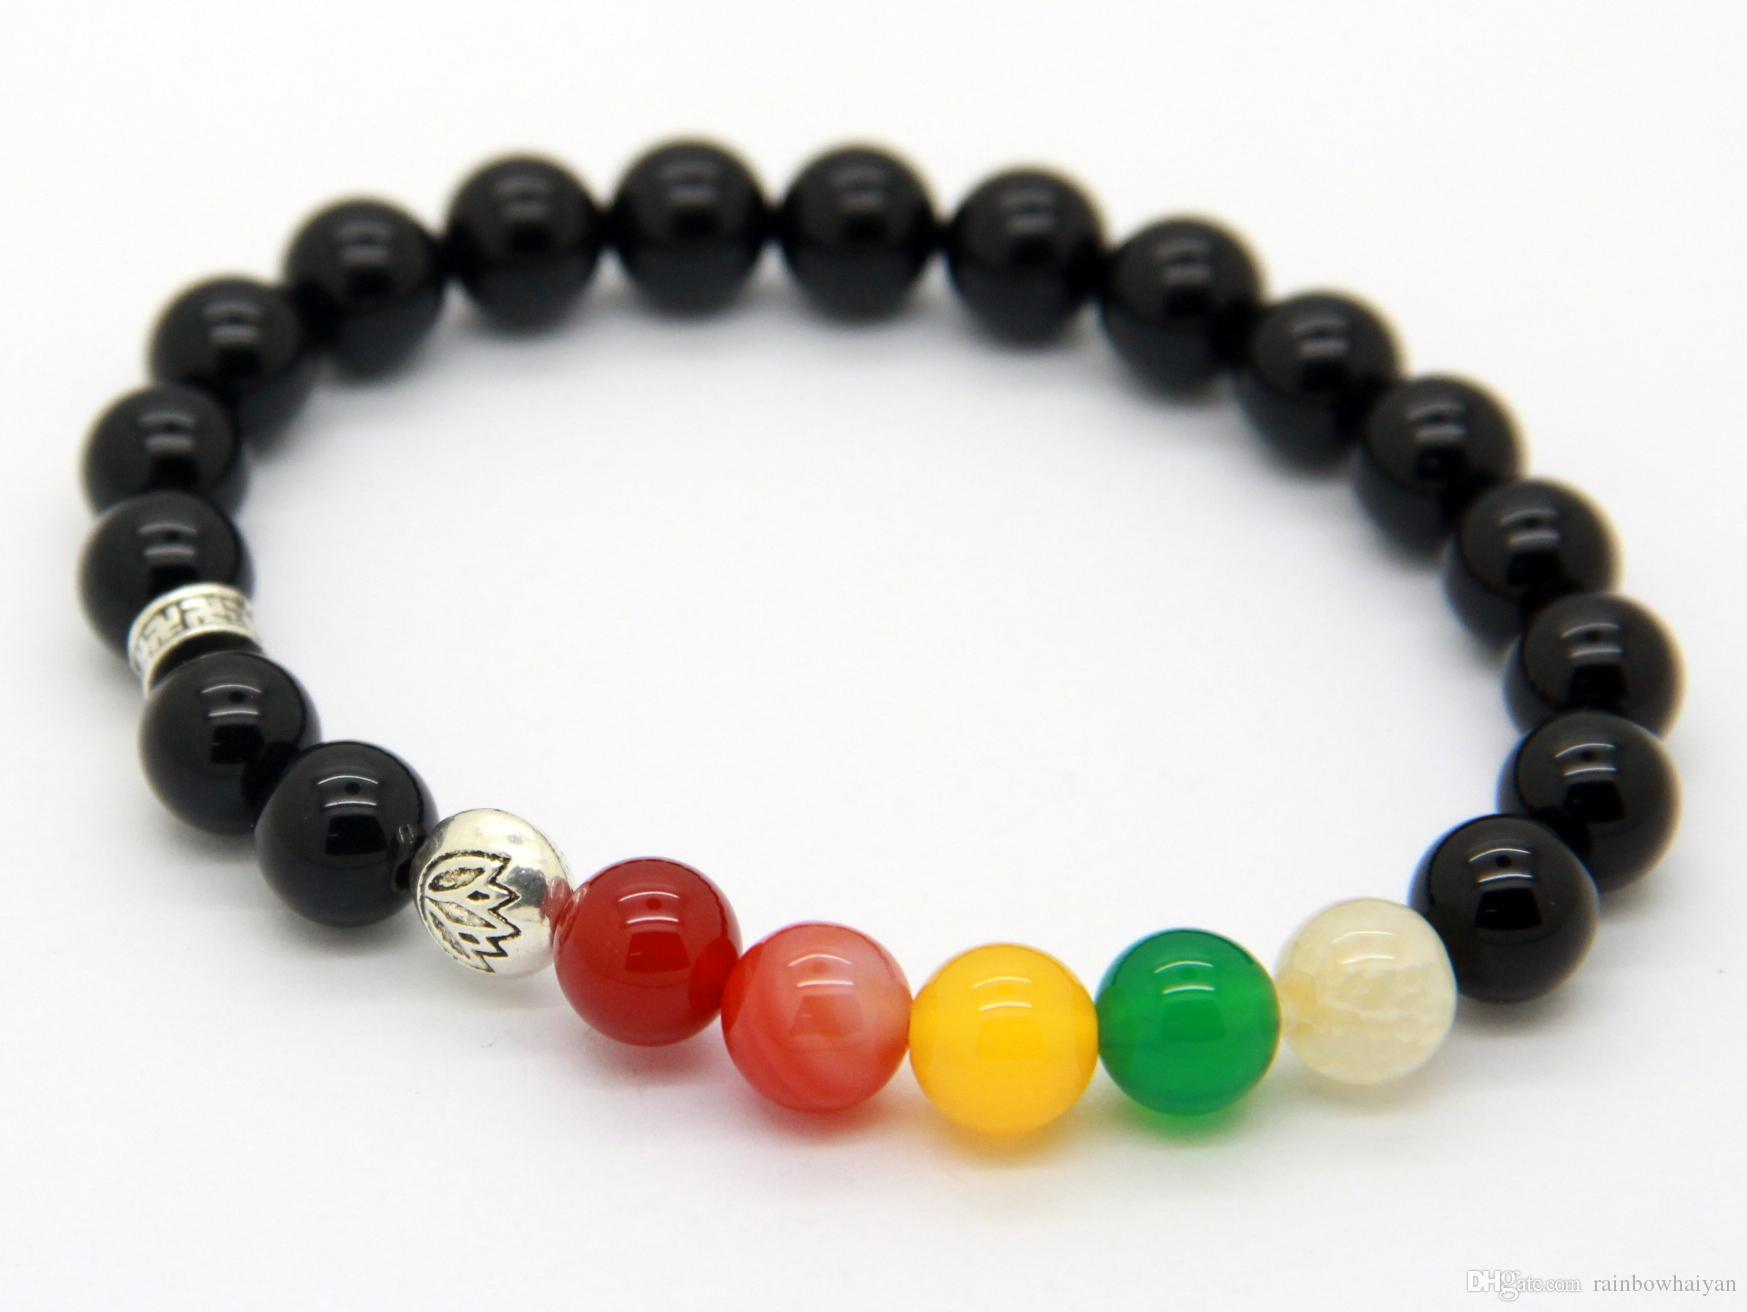 Nuovi prodotti all'ingrosso 10 pezzi / lotto perline di pietra di agata nera naturale Braccialetti di meditazione del loto yoga Gioielli di alta qualità